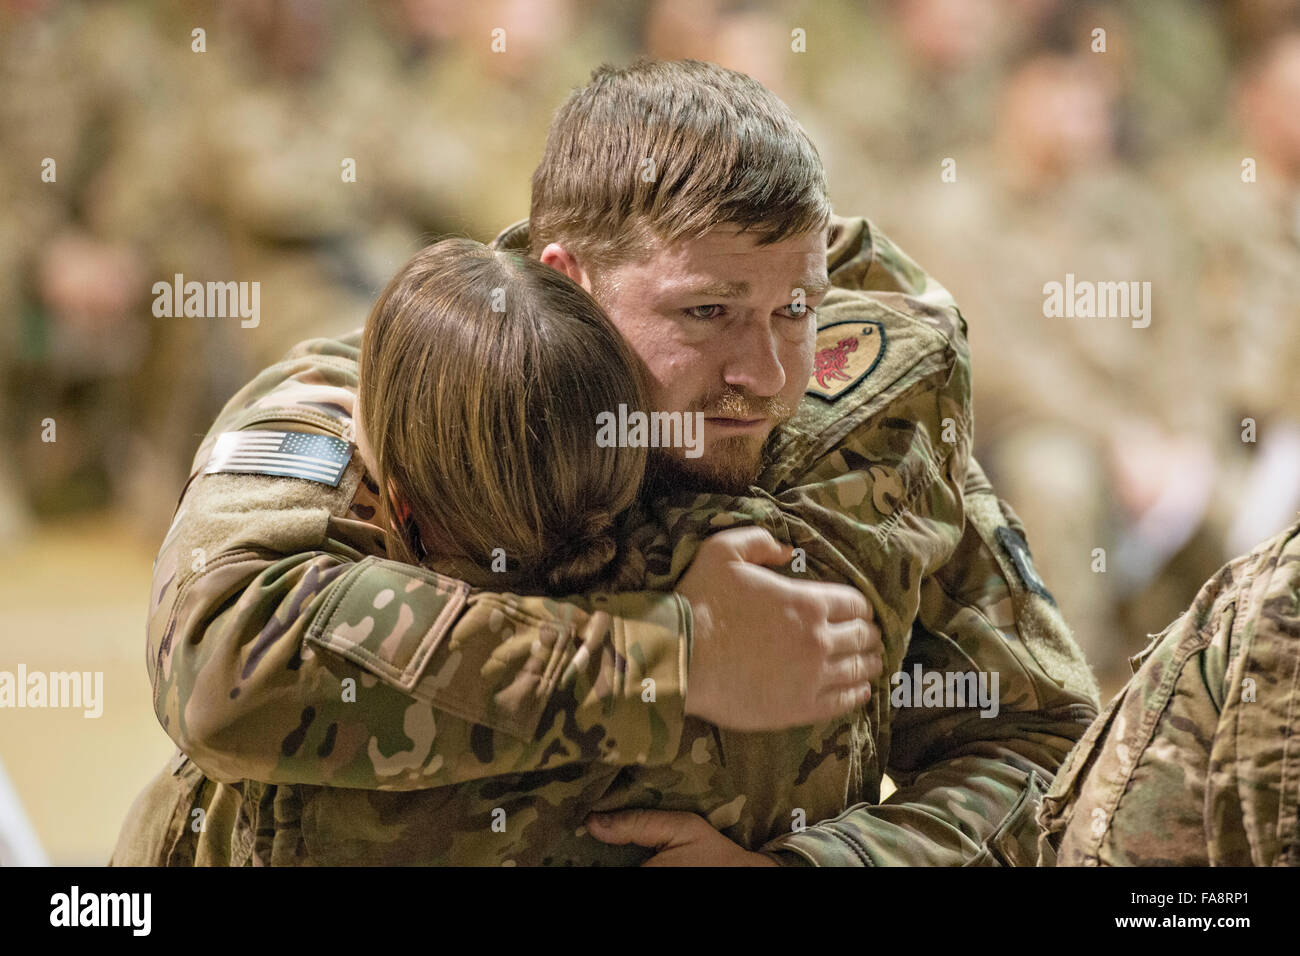 Bagram, en Afghanistan. Dec 23, 2015. Les membres du service des États-Unis visent, selon qu'ils paient Photo Stock